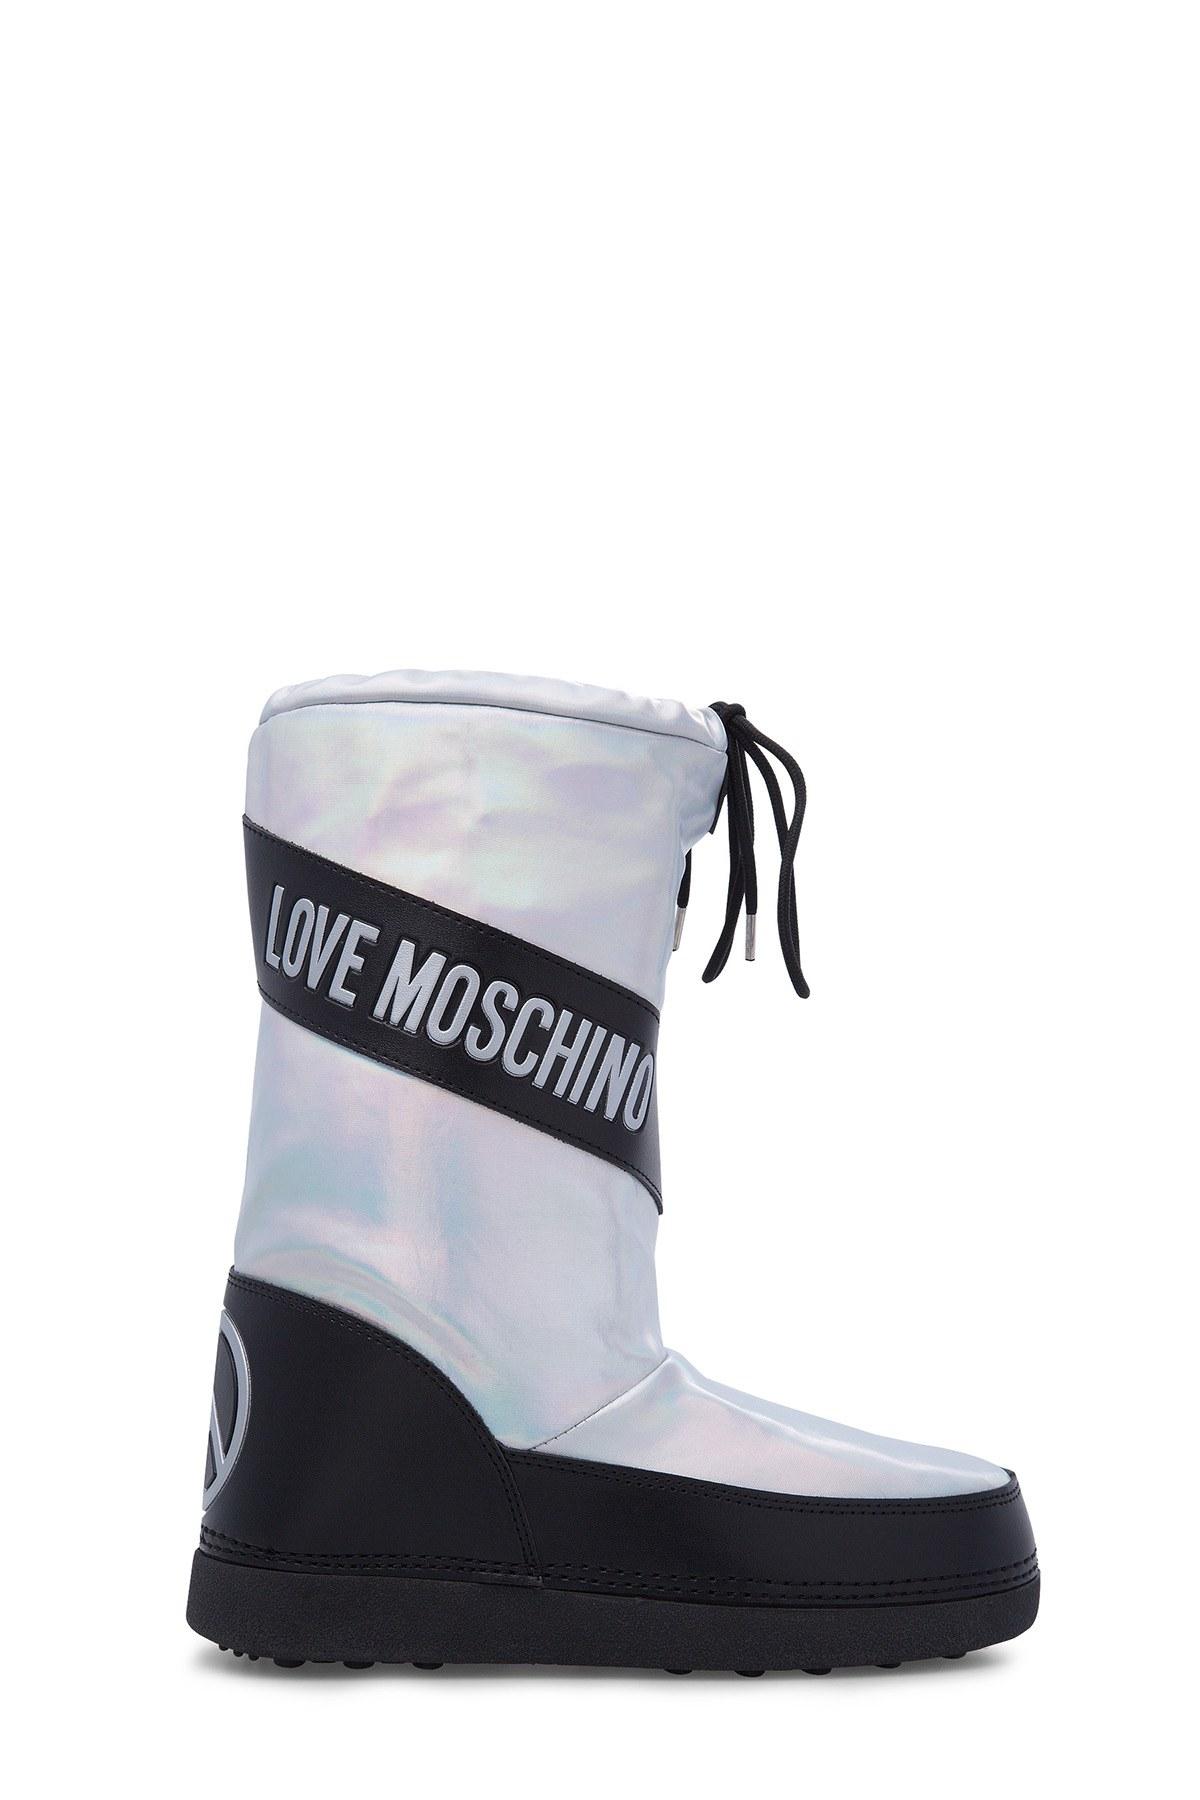 Love Moschino Kadın Kar Botu JA24012G18IJ0902 GÜMÜŞ